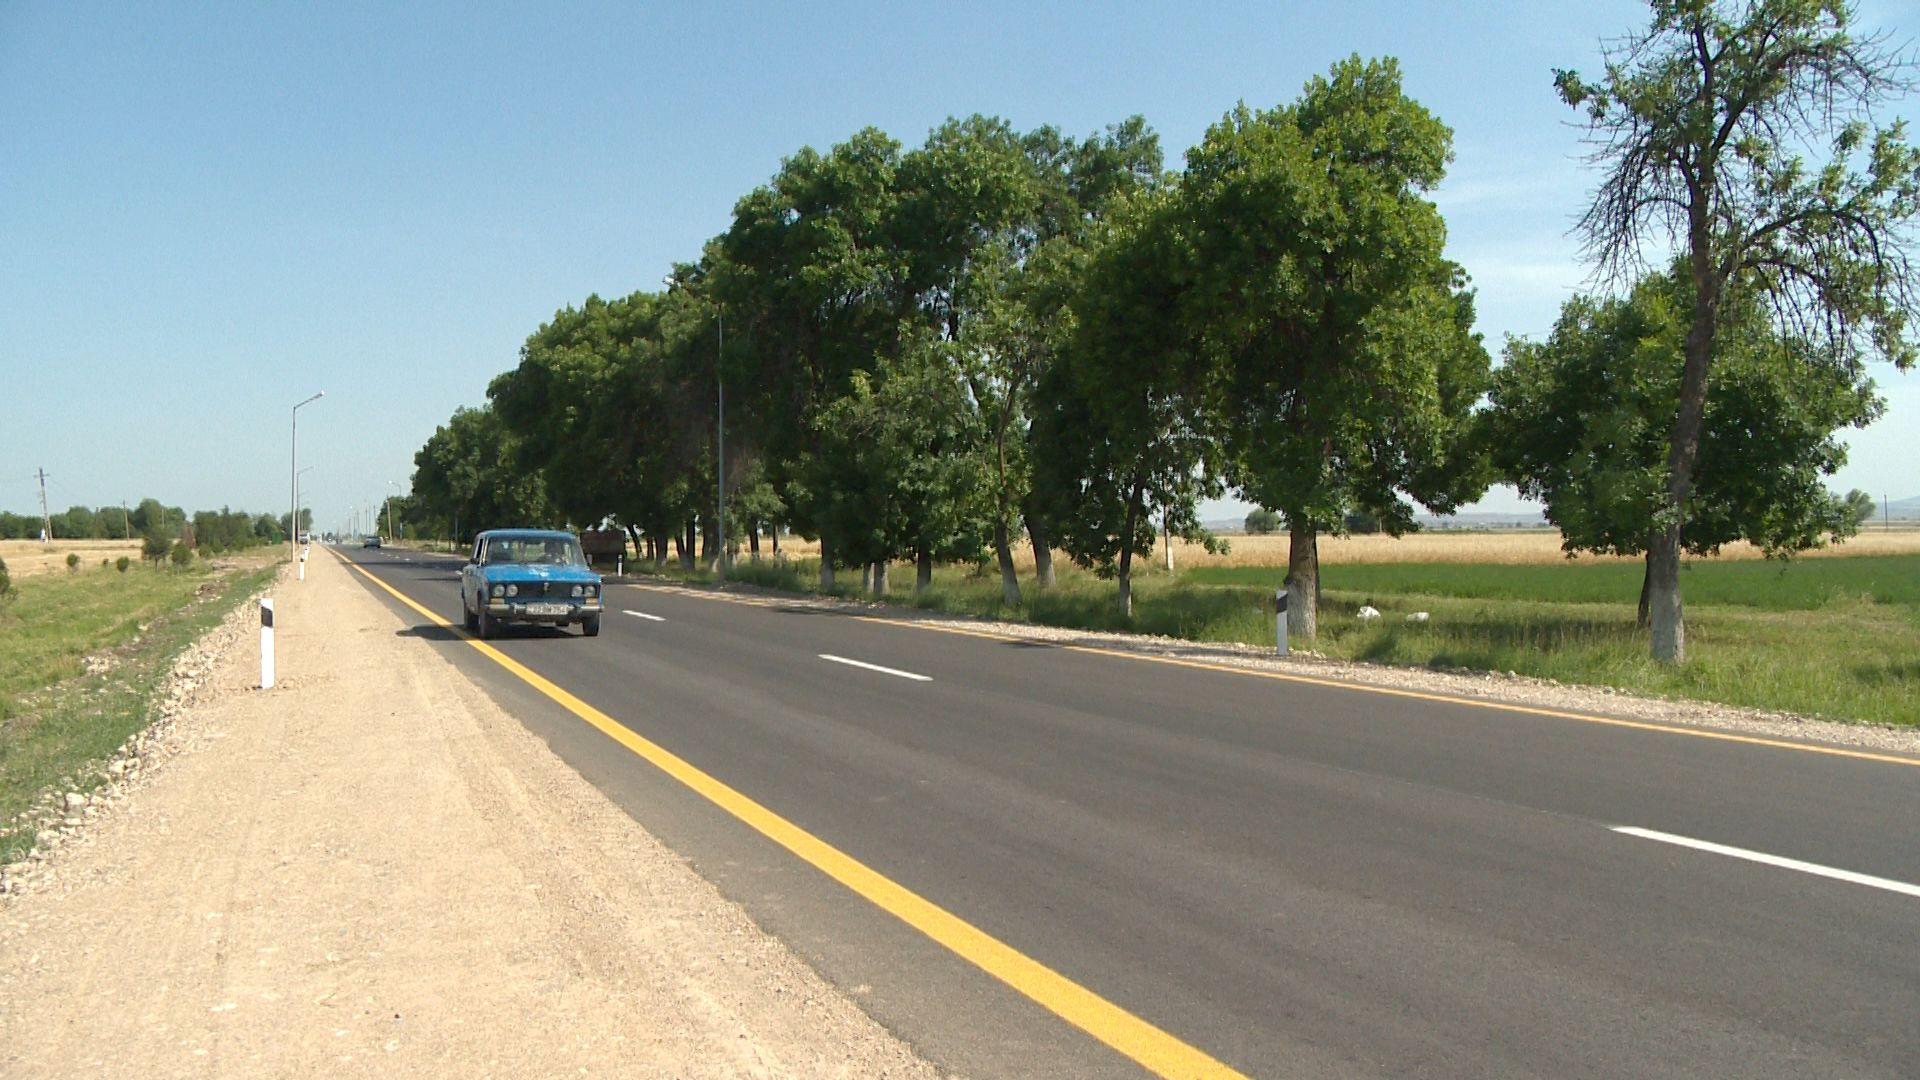 Goranboyda 5 istiqamət üzrə avtomobil yolu yenidən qurulub (FOTO) - Gallery Image